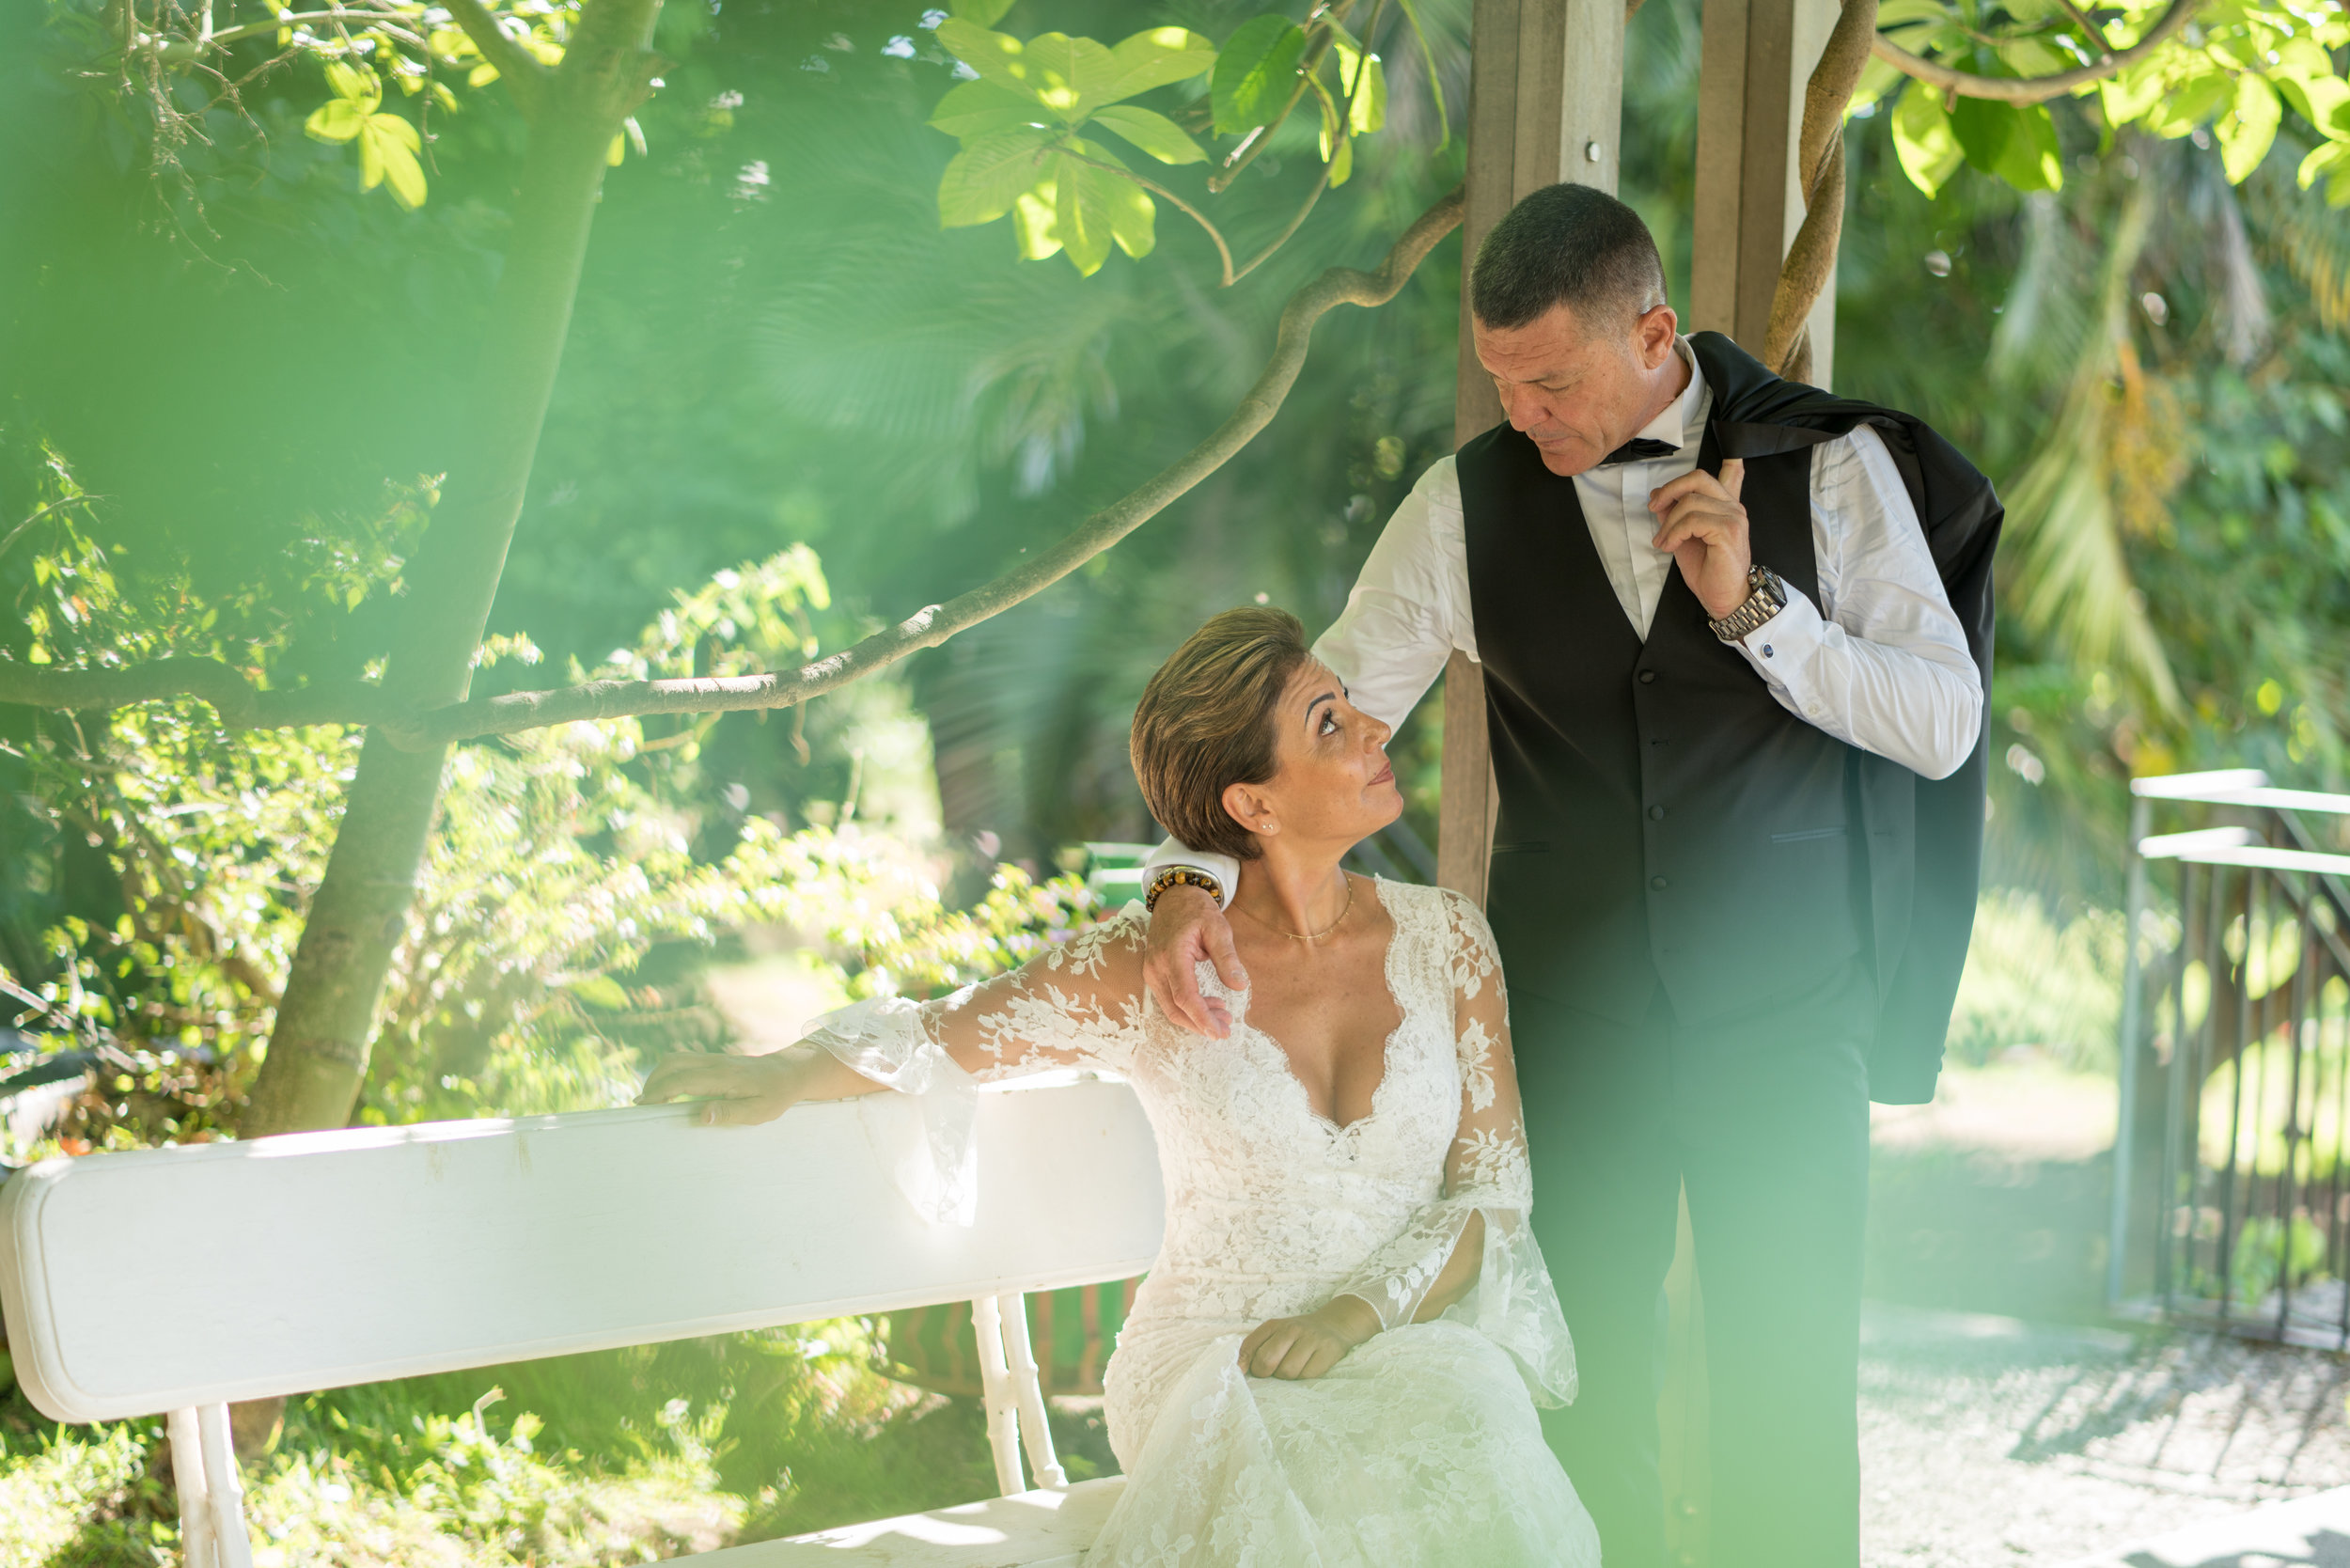 MRevenement organisation de mariage à la Réunion _ Mariage de B et JC (19).jpg